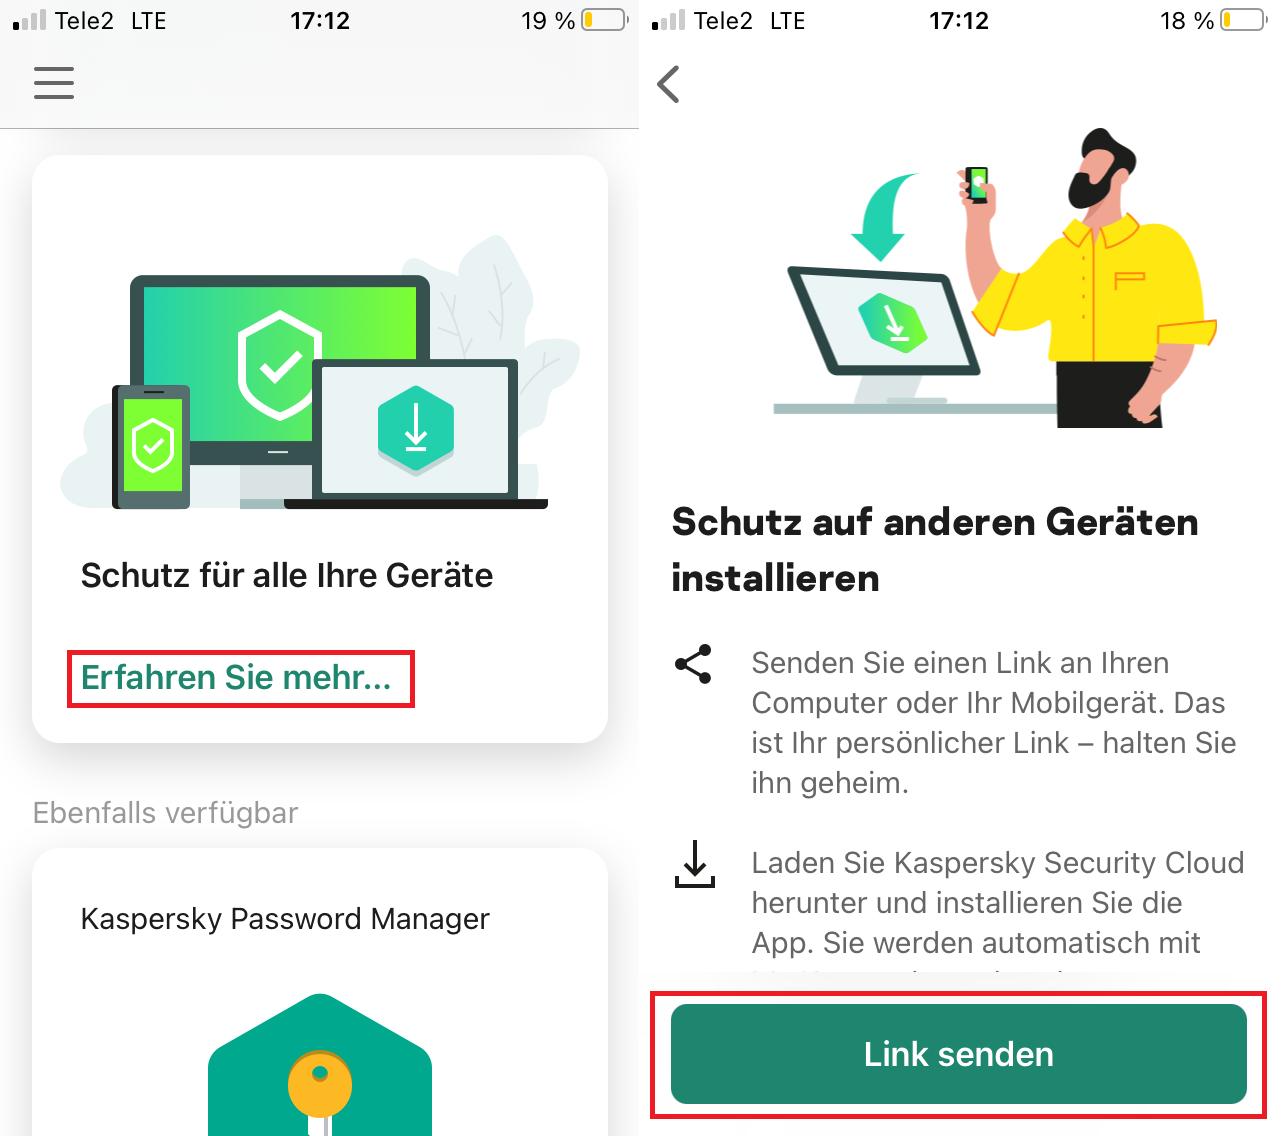 So senden Sie über Ihr Smartphone eine Lizenz zu einem neuen Gerät